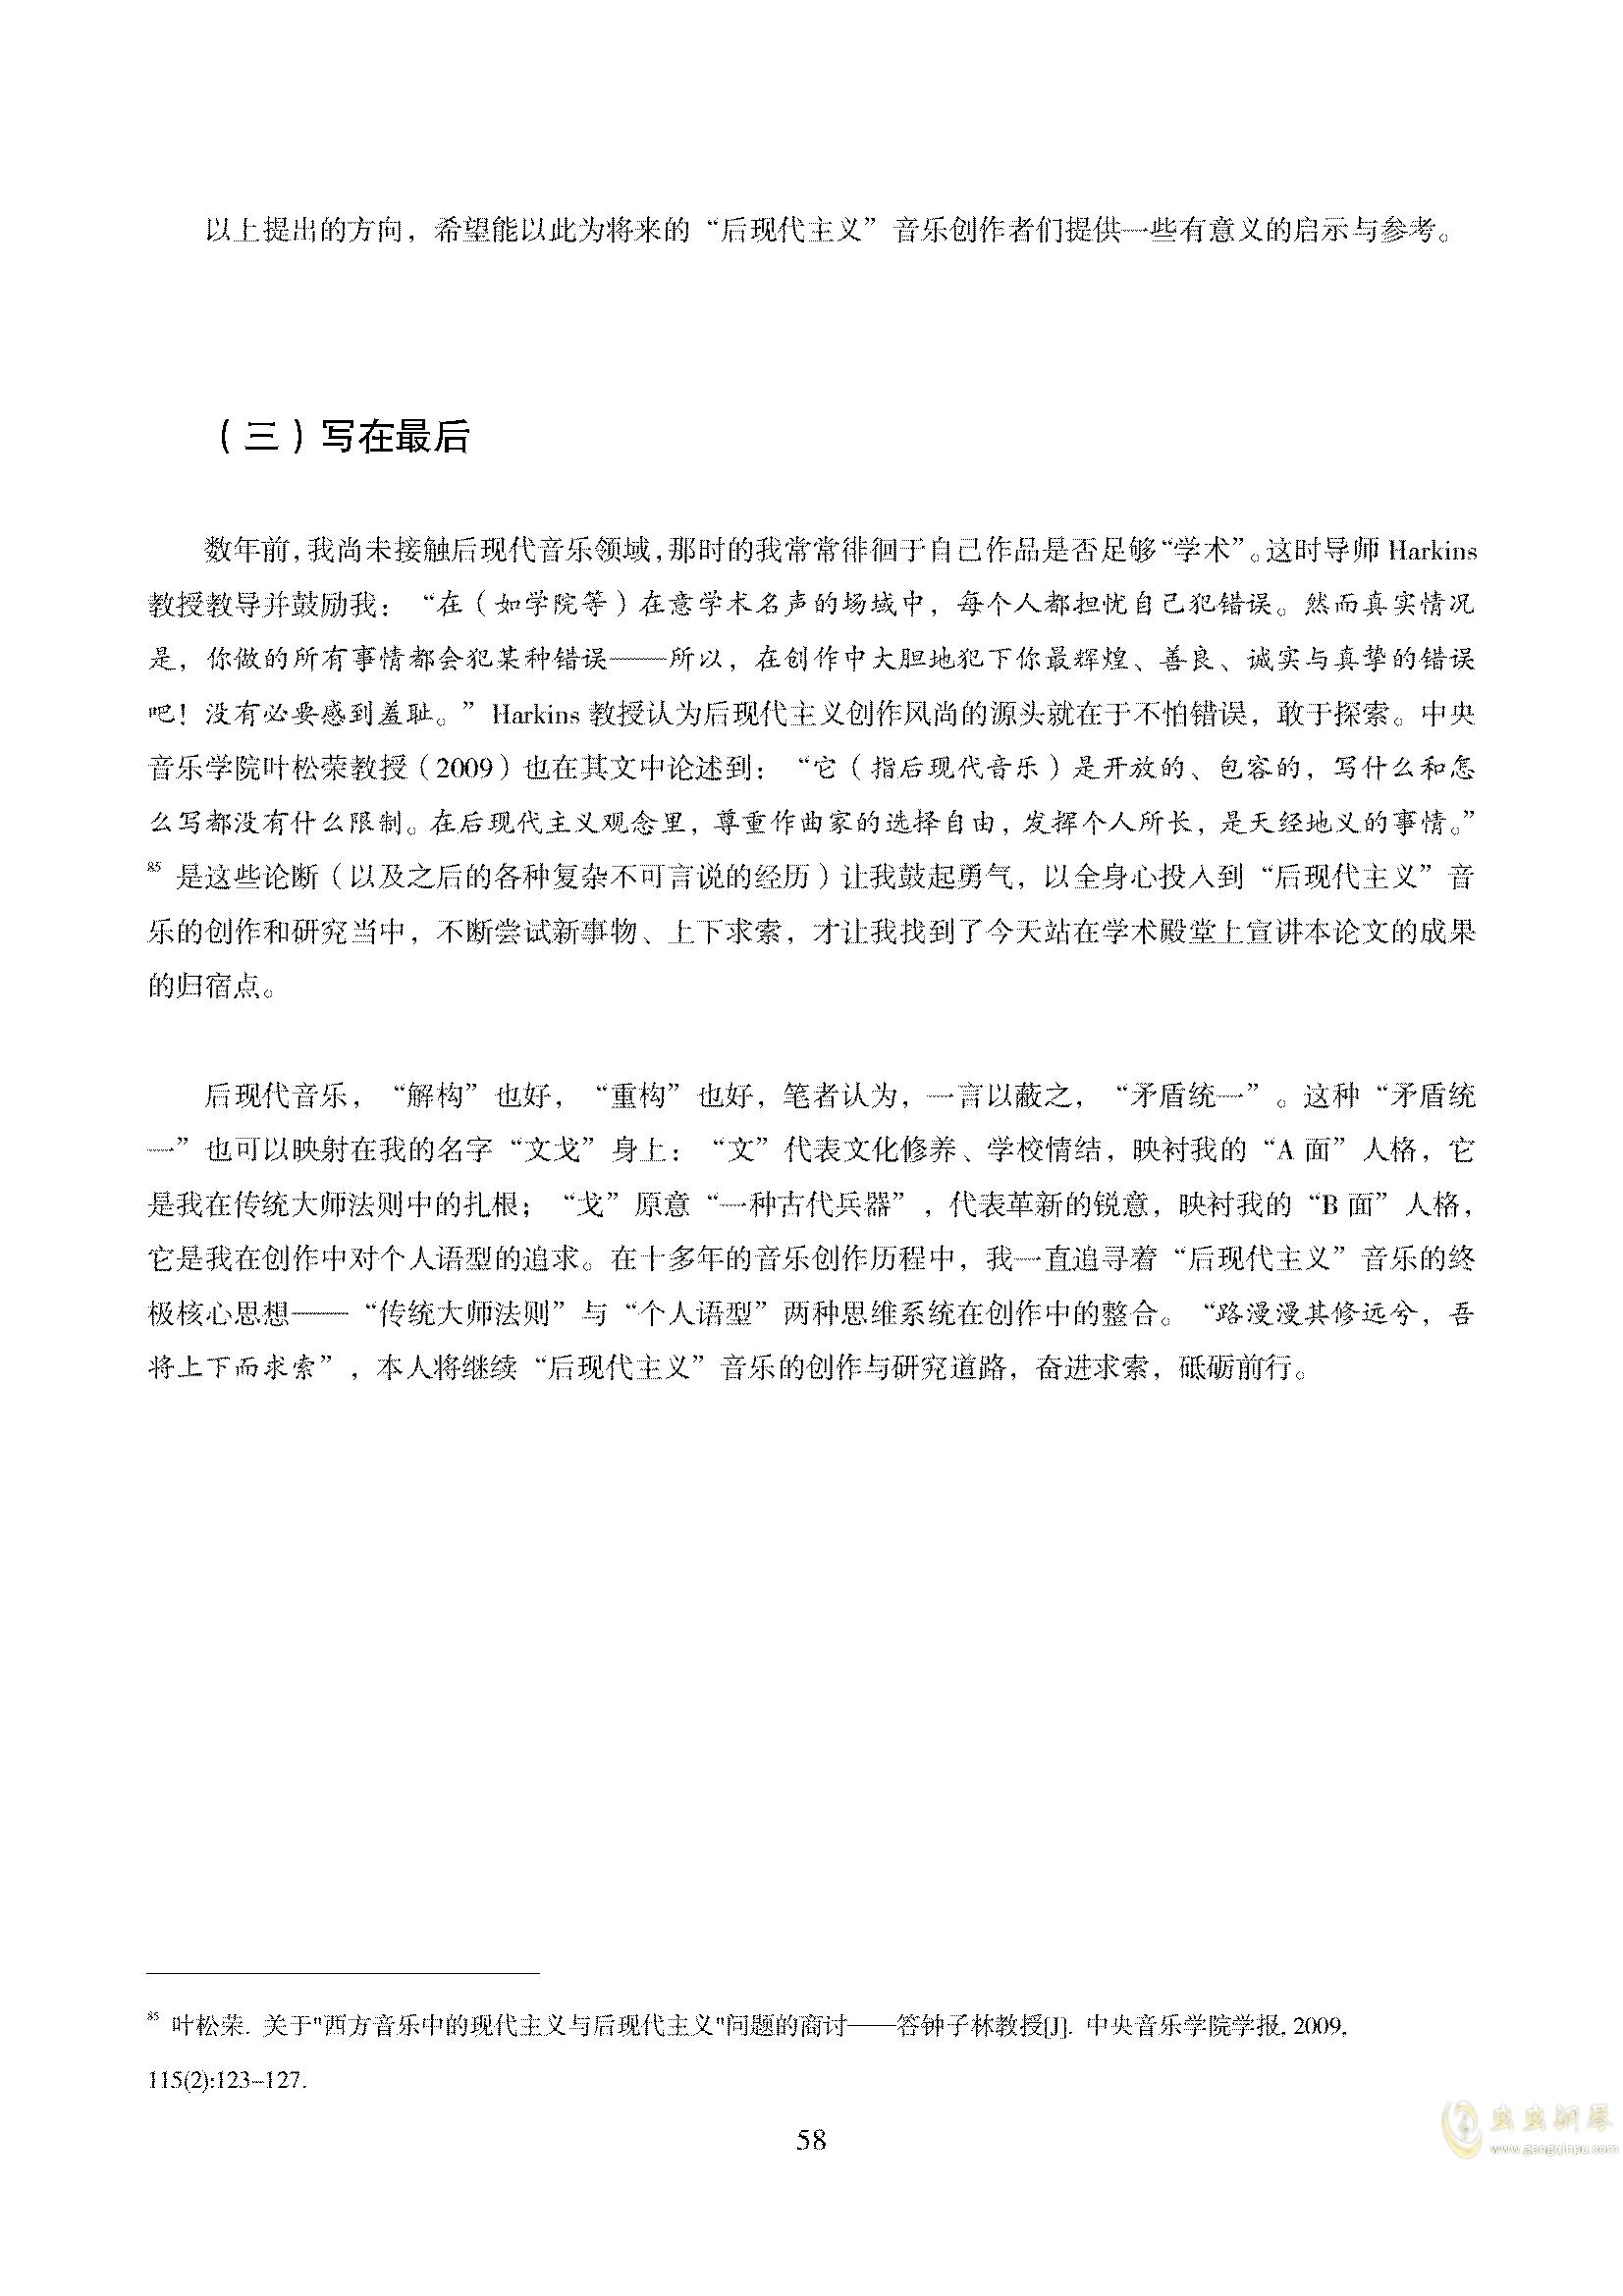 真·硕士论文ag88环亚娱乐谱 第62页